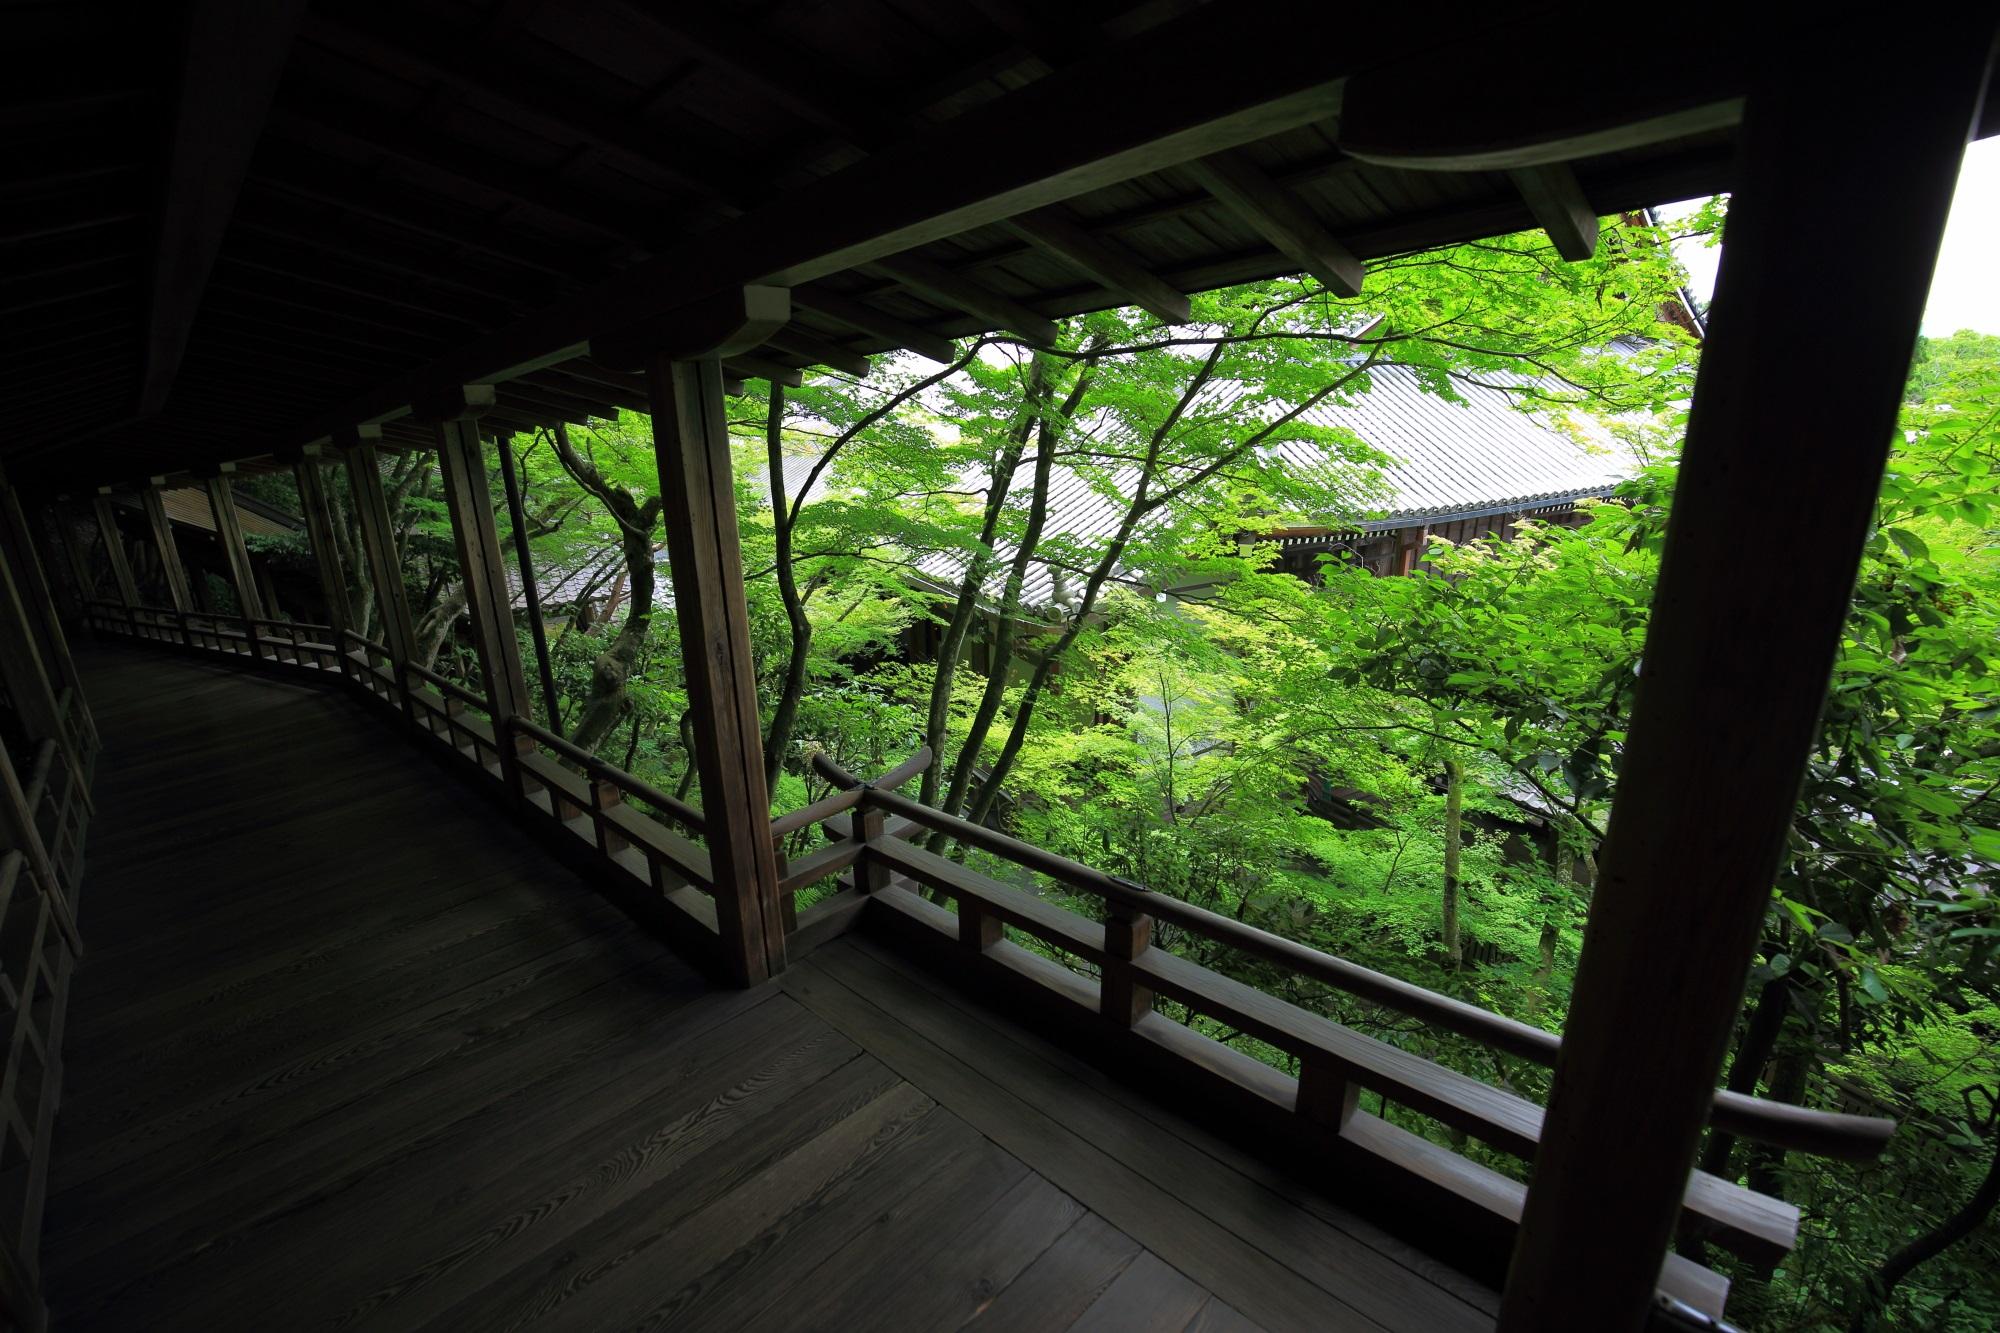 もみじの名所の永観堂の回廊から眺めた新緑